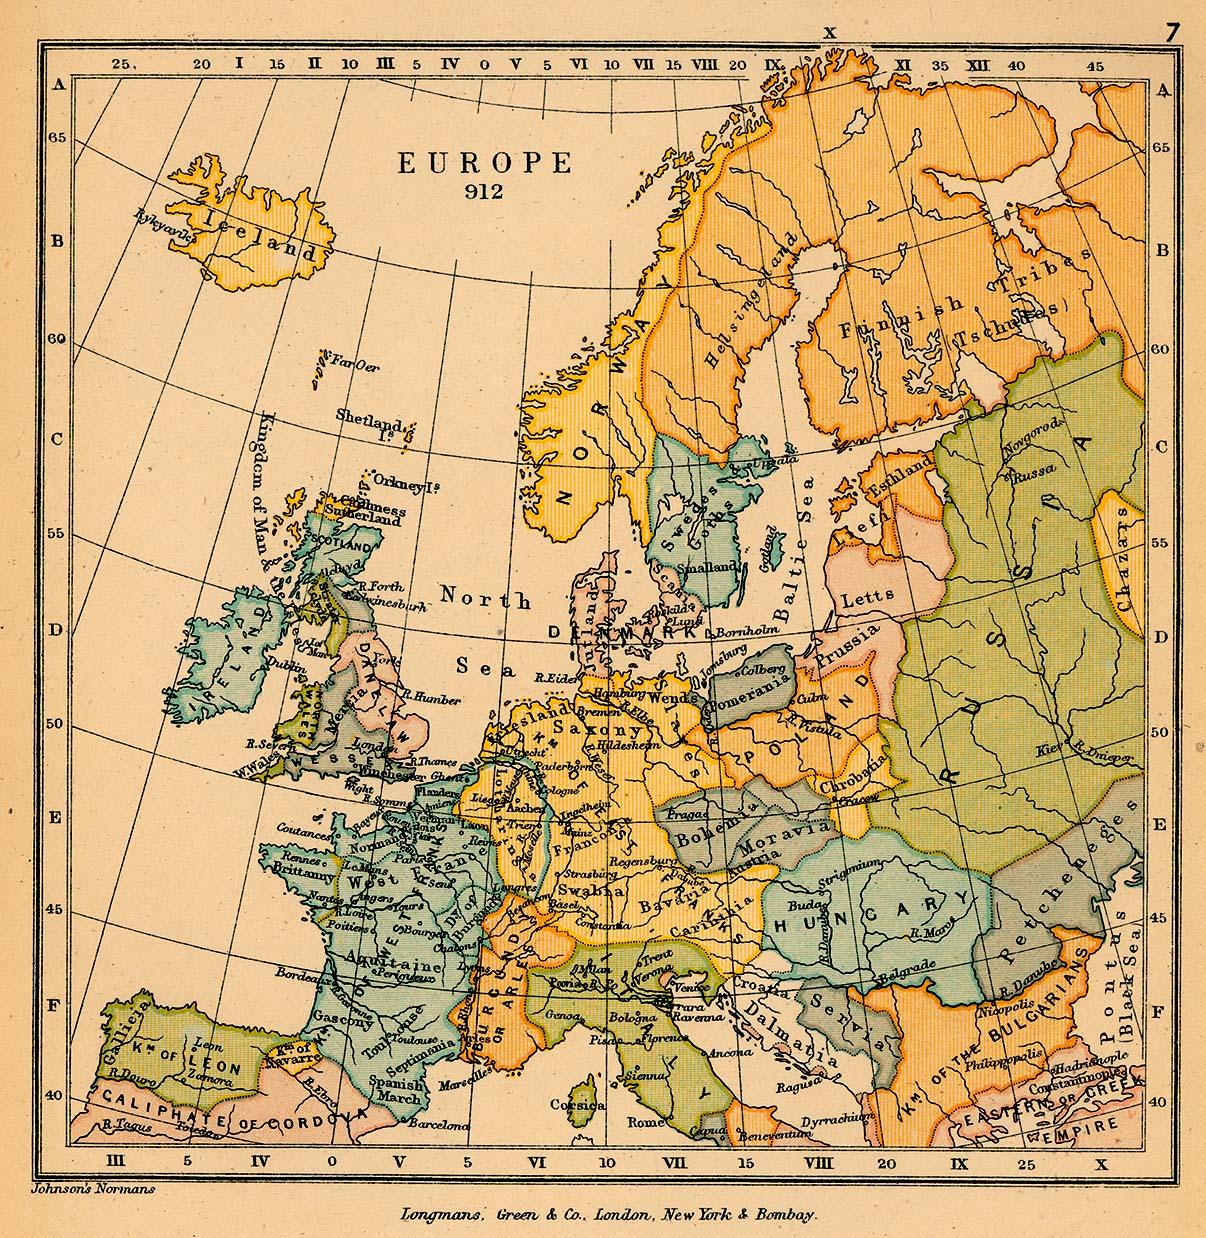 Europa en 912